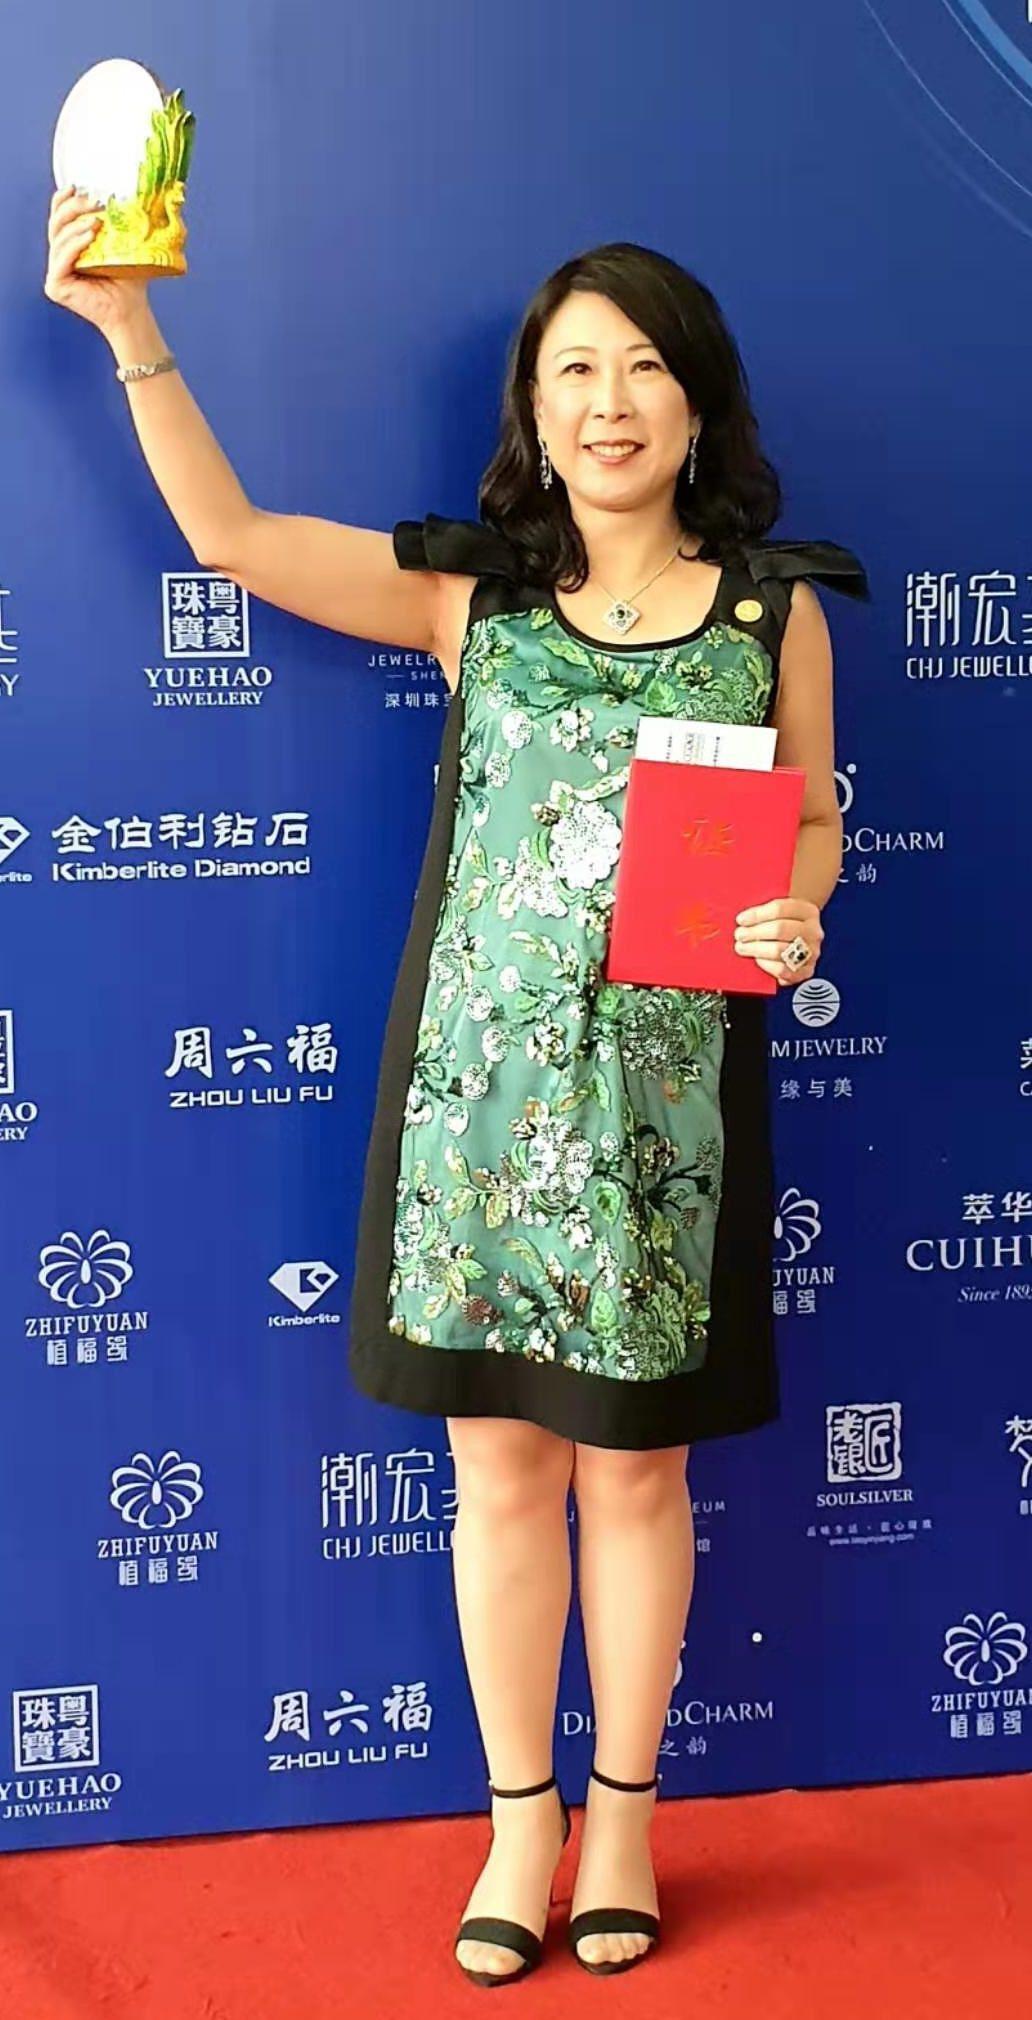 以【無相】作品獲得銅獎的台灣設計師黃湘晴,受邀領獎心情相當雀躍。